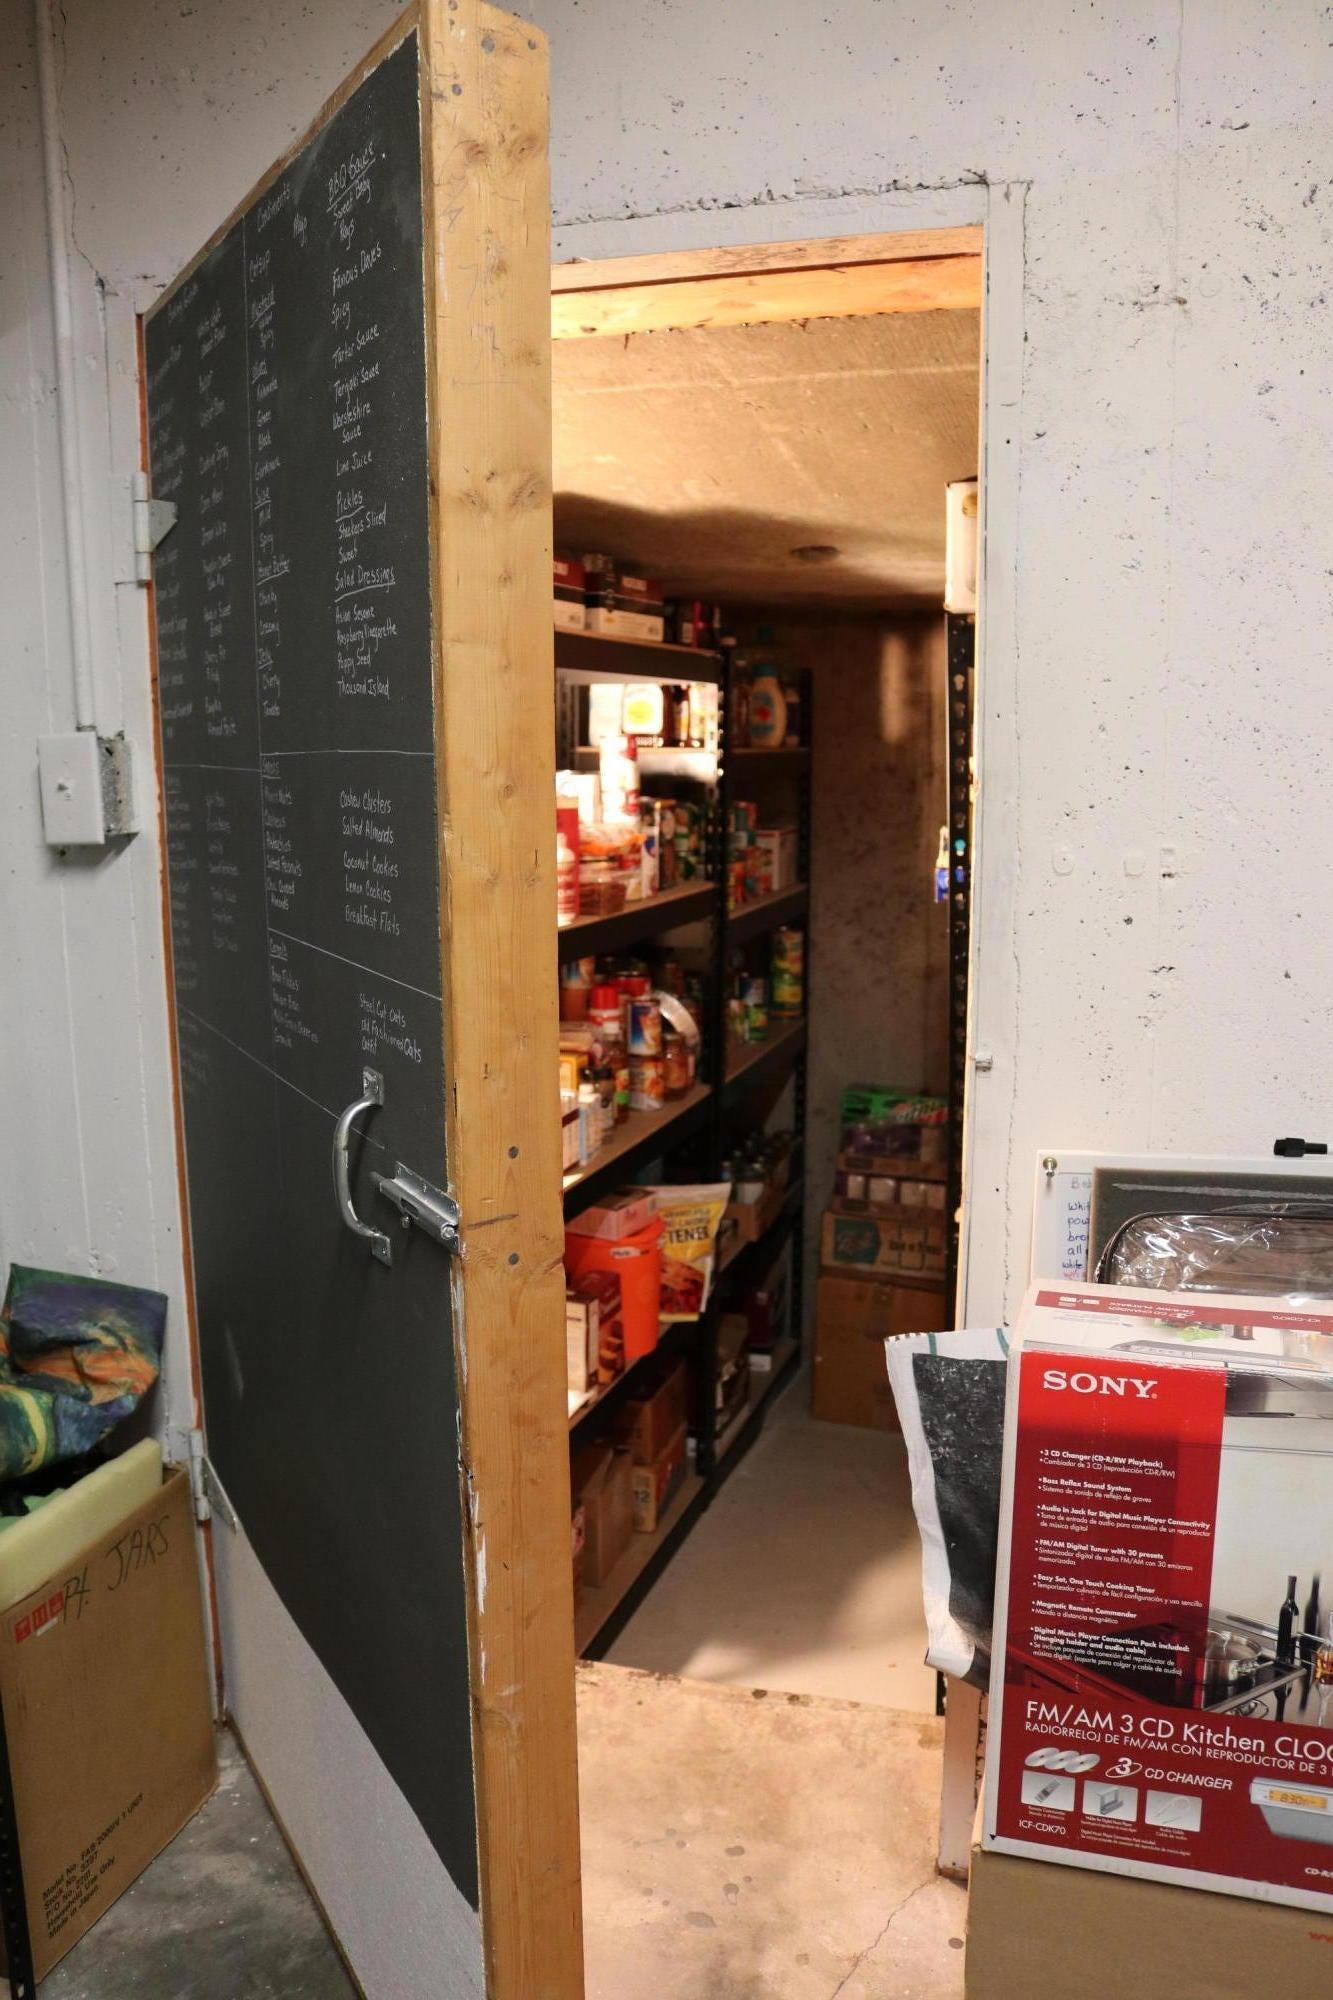 053 Downstairs Storage 02 - Food